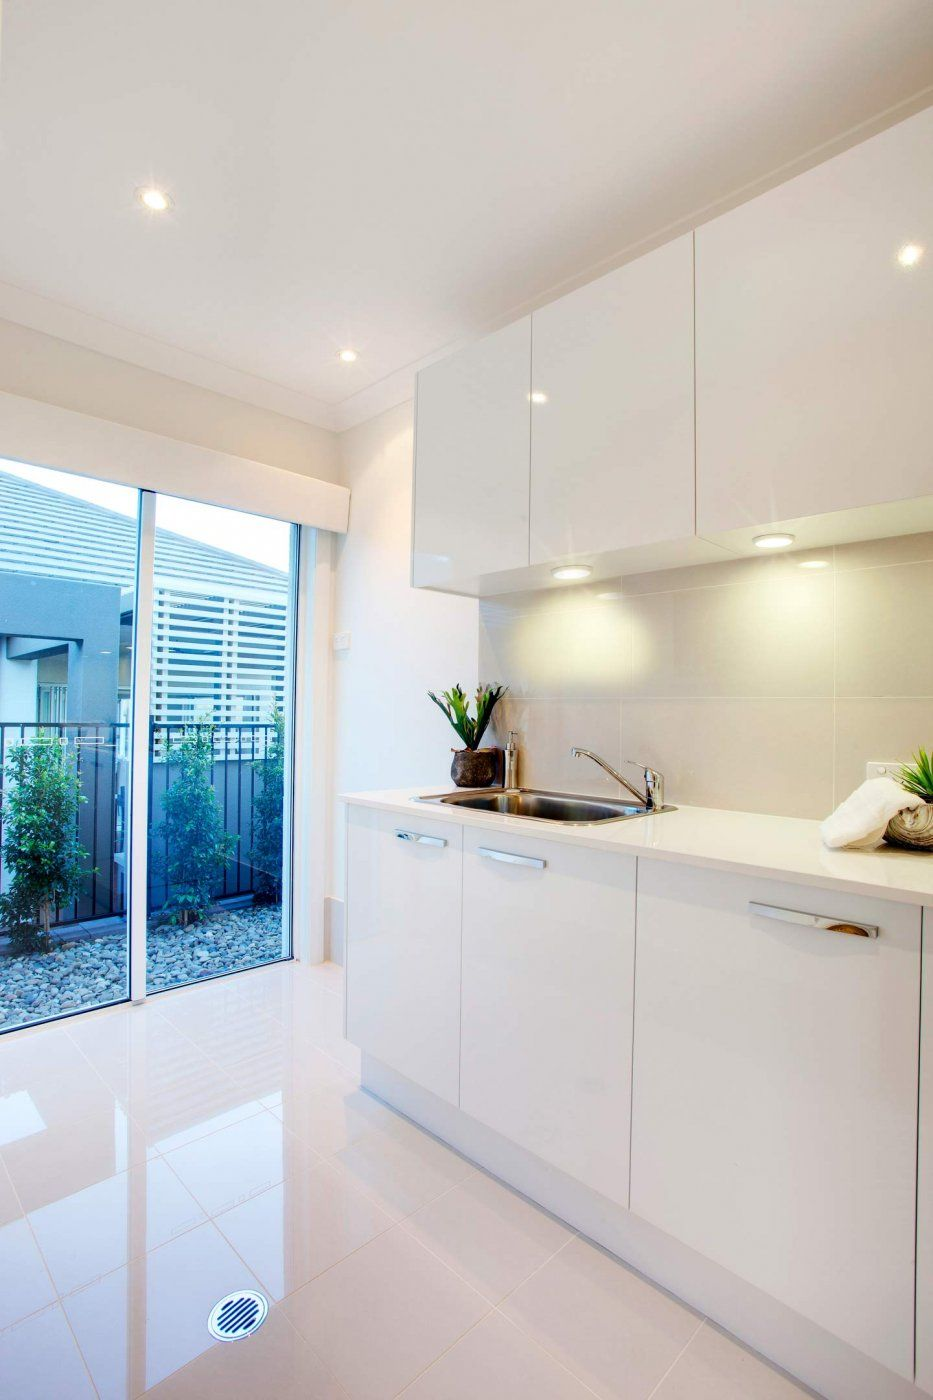 Avoca - Images | McDonald Jones Homes | Kitchen details ...